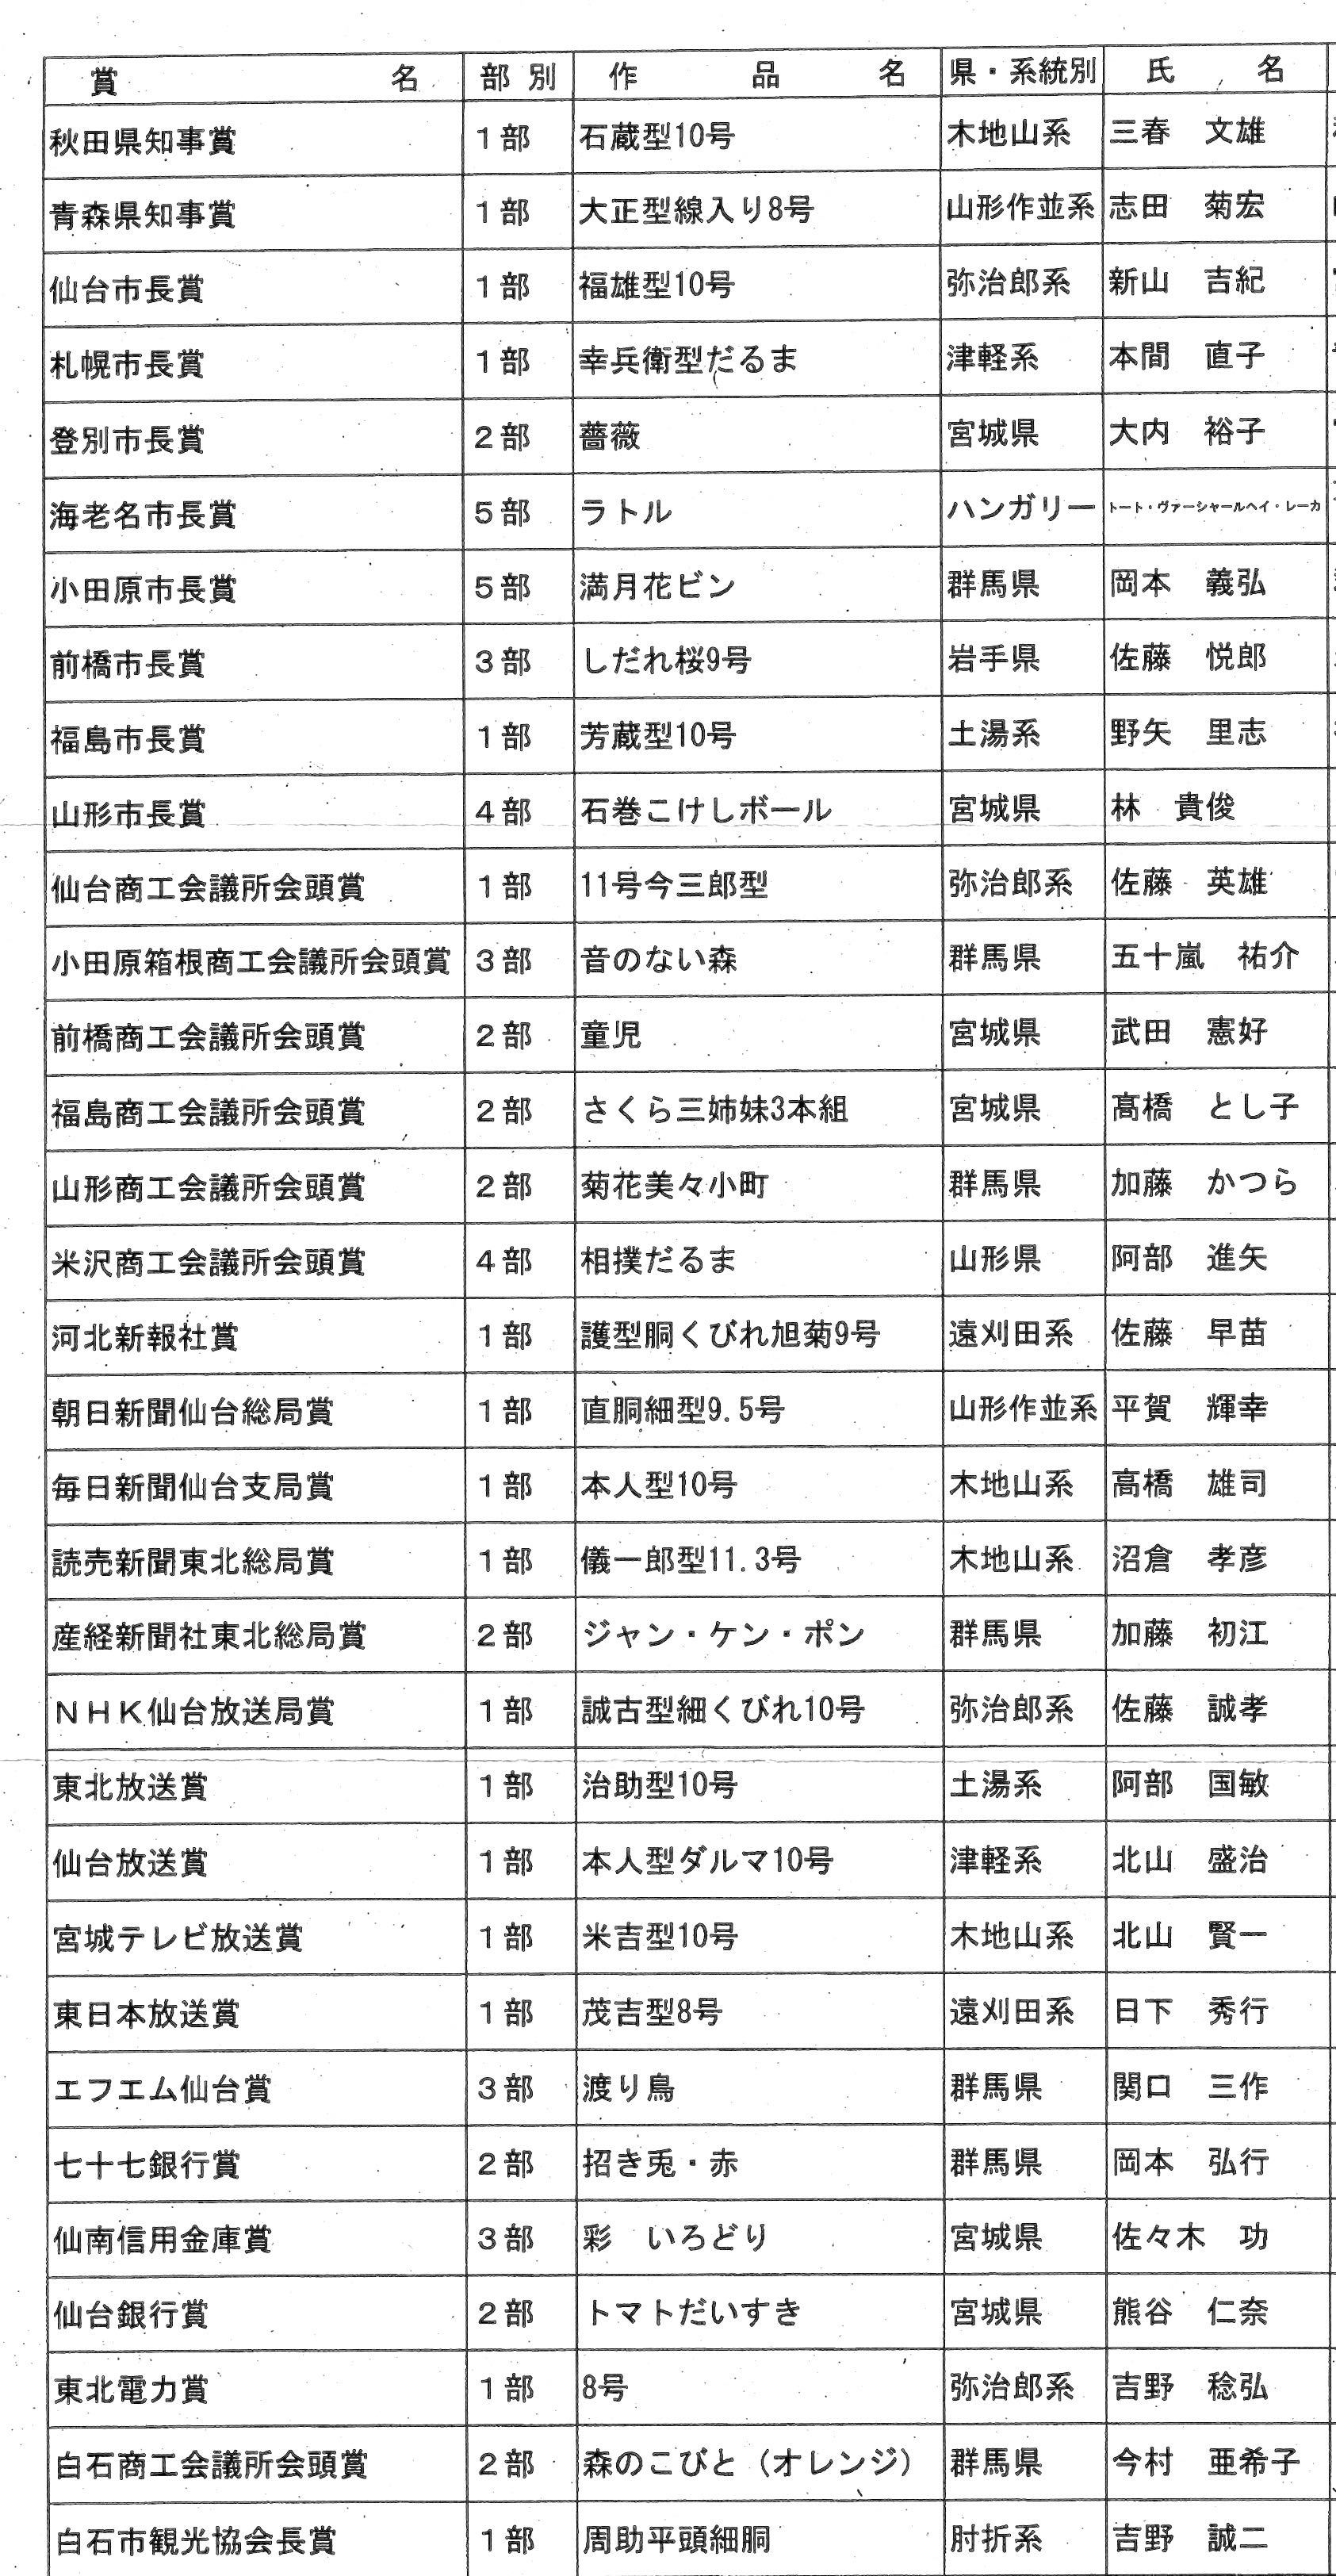 2017白石入賞名簿002